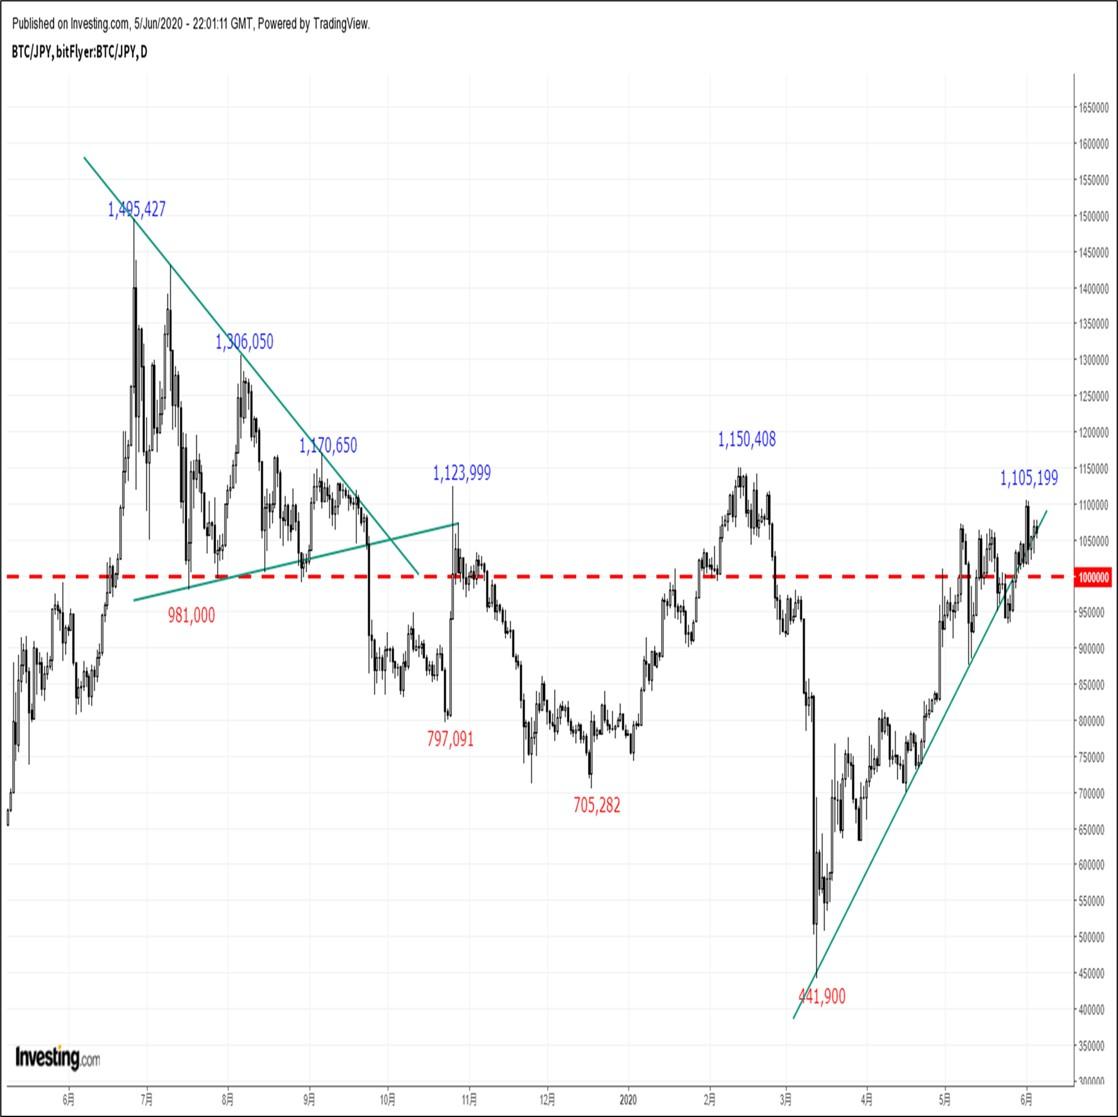 ビットコインの価格分析:『ハッシュレートを横目に上昇基調が継続するもRSIの逆行に要警戒』